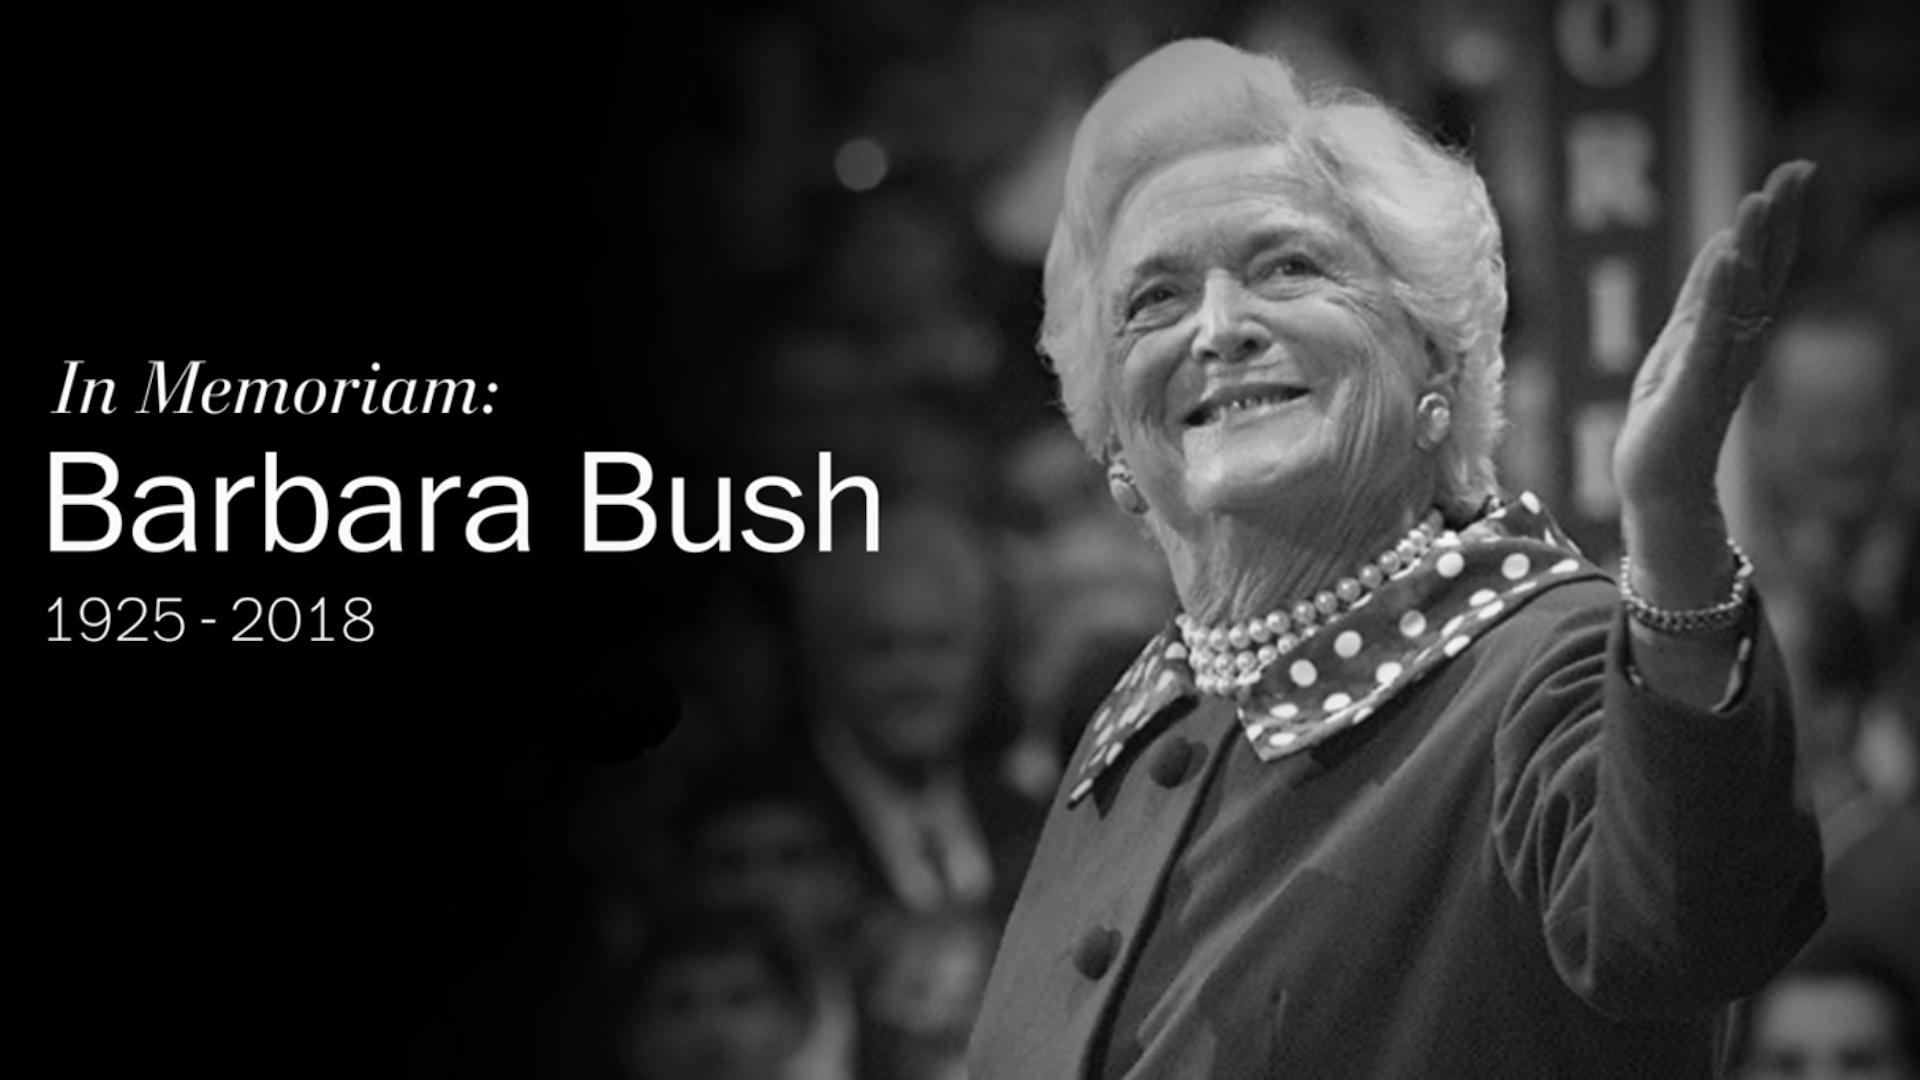 Barbara Bush, matriarch of American political dynasty, dies at 92